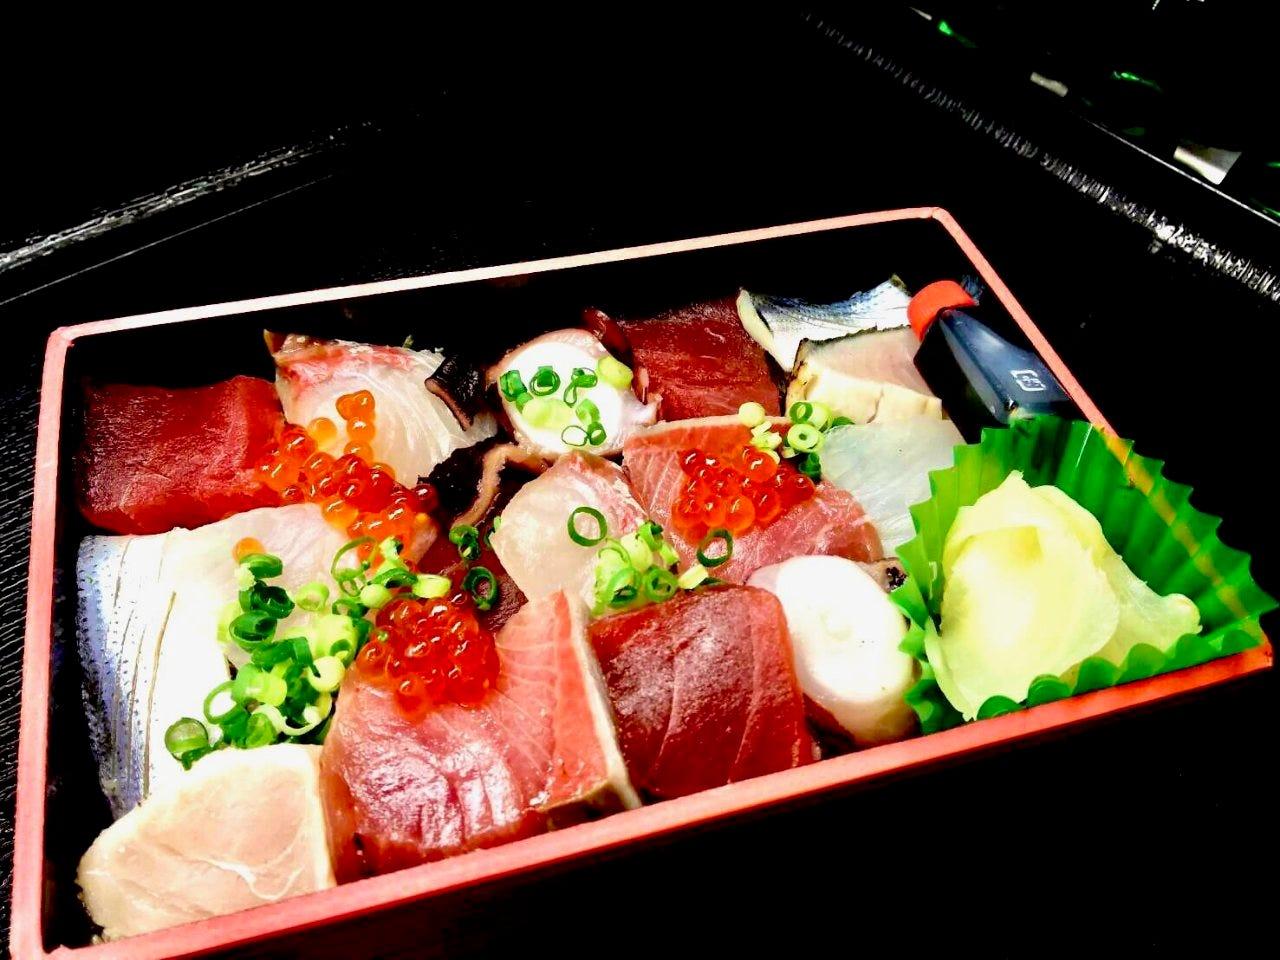 【テイクアウトメニュー】海鮮ばらちらし弁当のほか、全5種類!